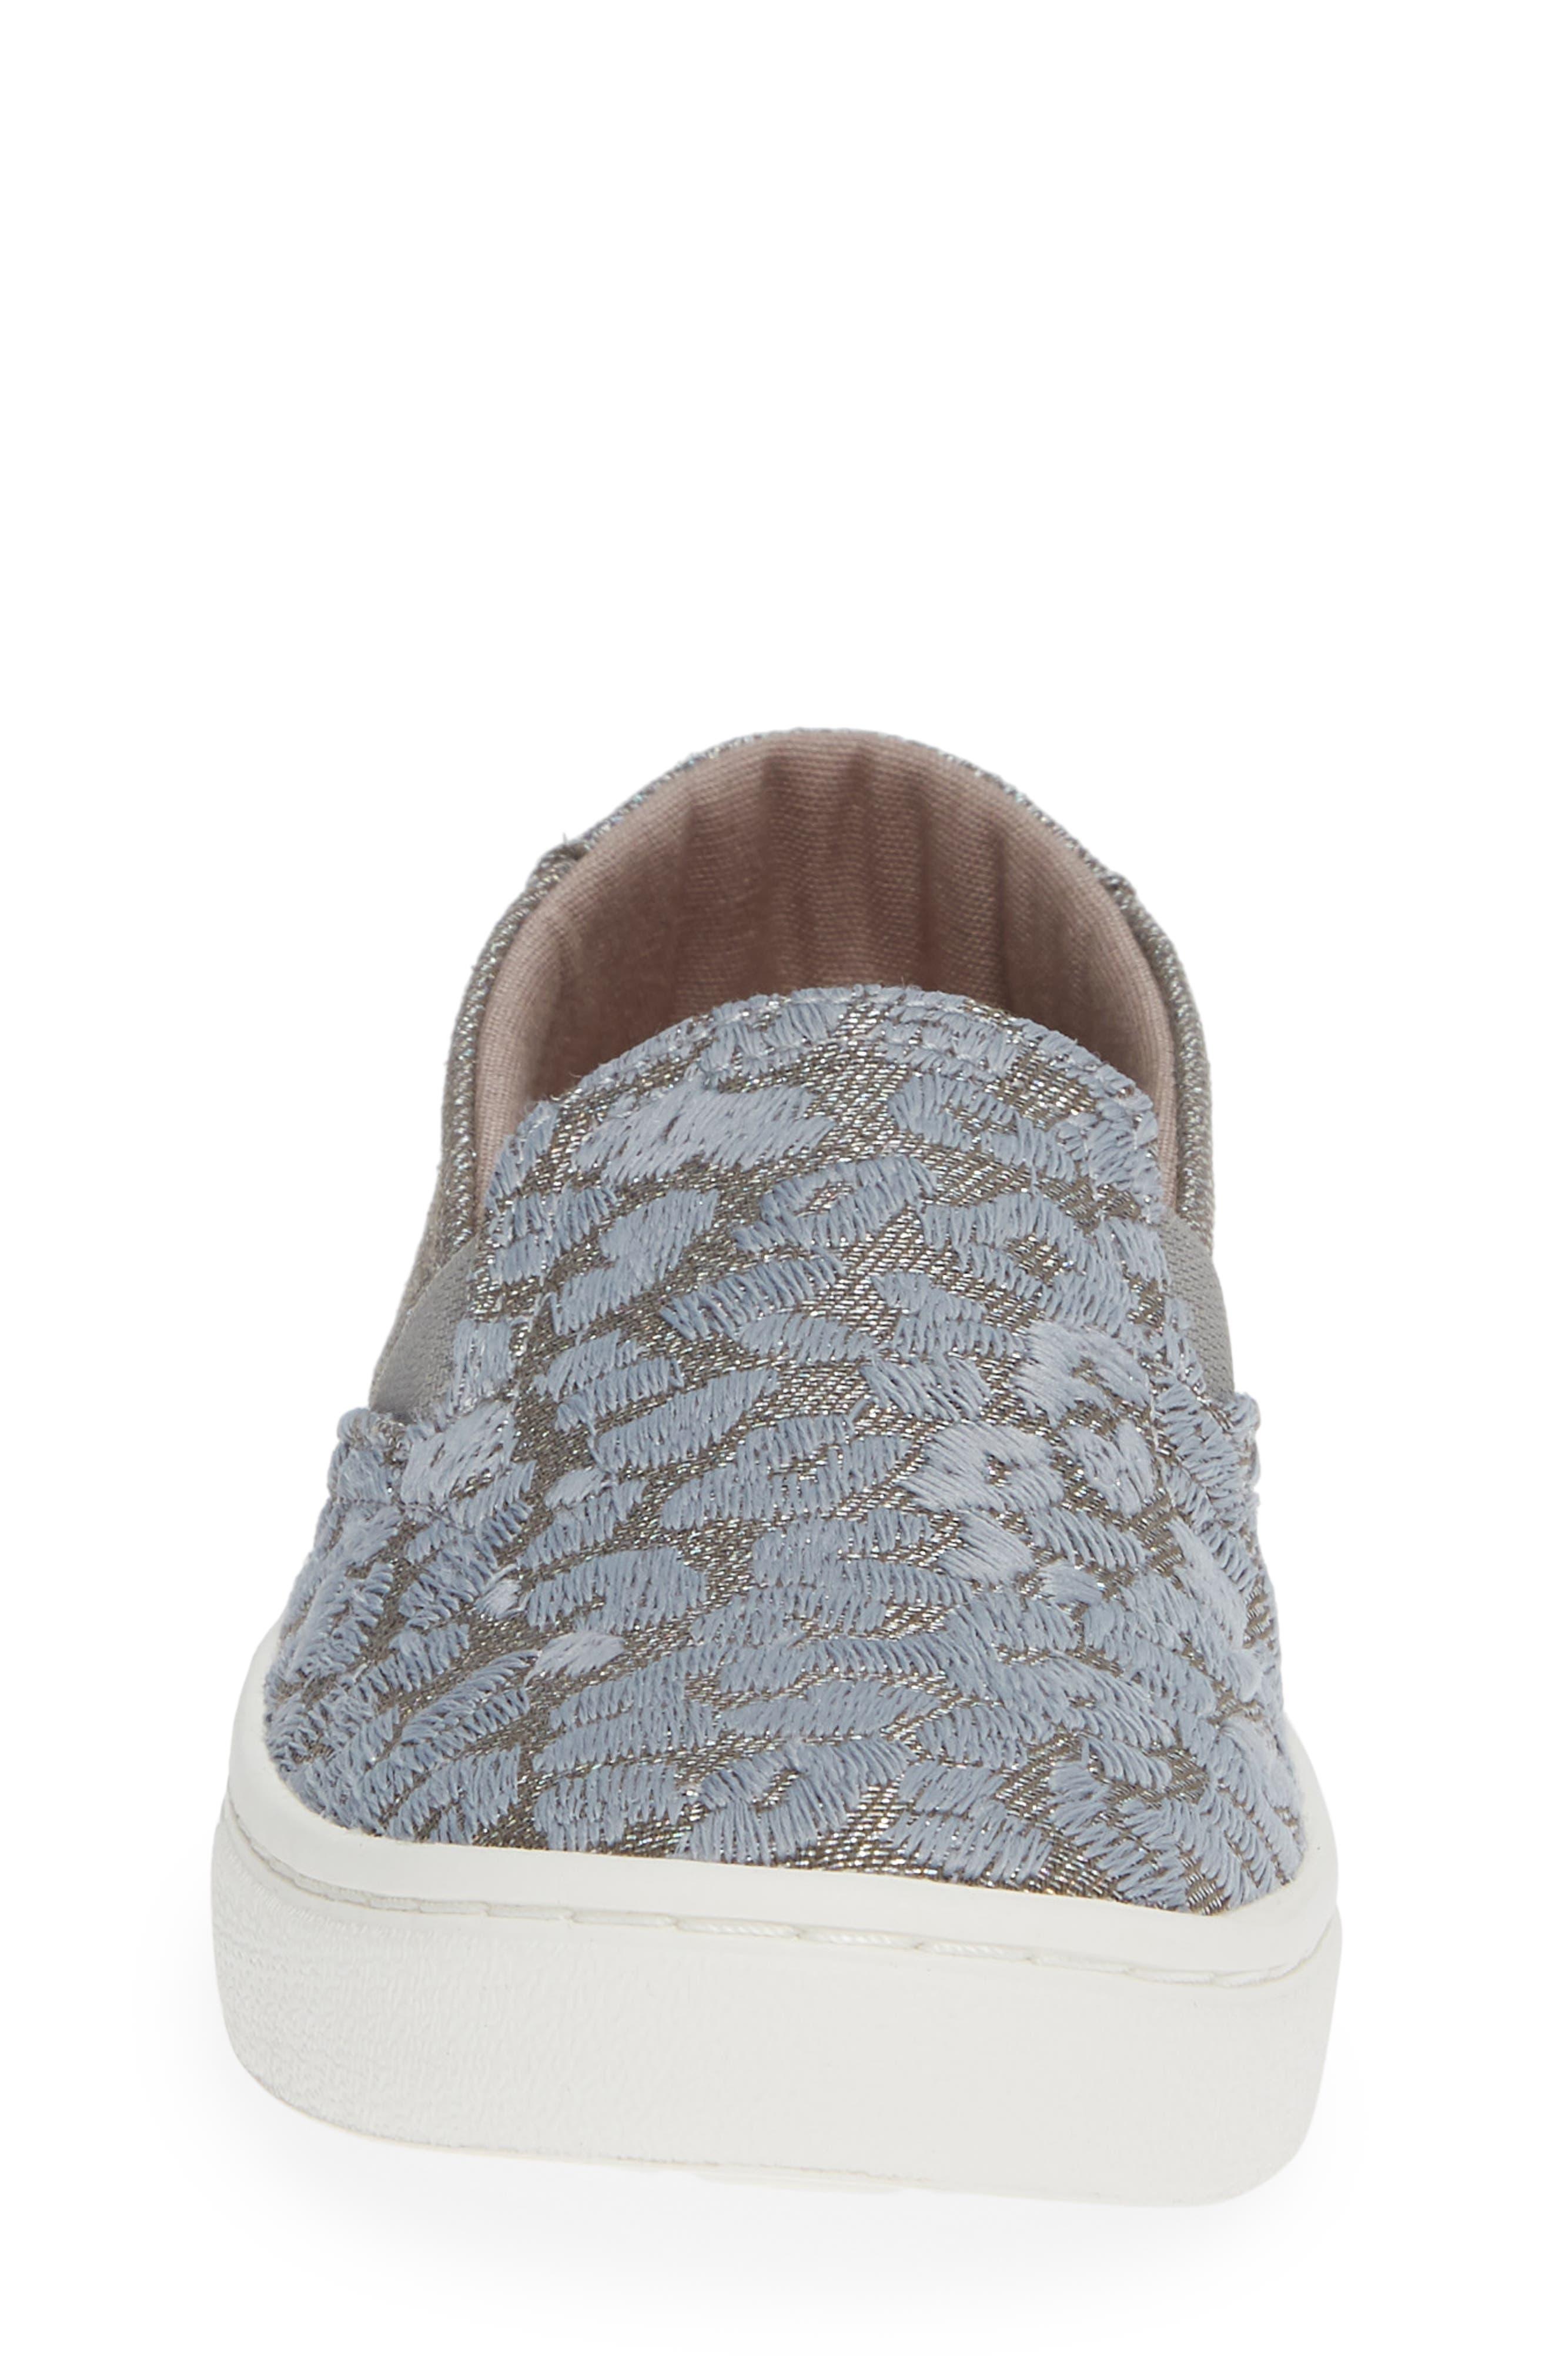 Luca Slip-On Sneaker,                             Alternate thumbnail 4, color,                             NEUTRAL GRAY CHEETAH/ TWILL